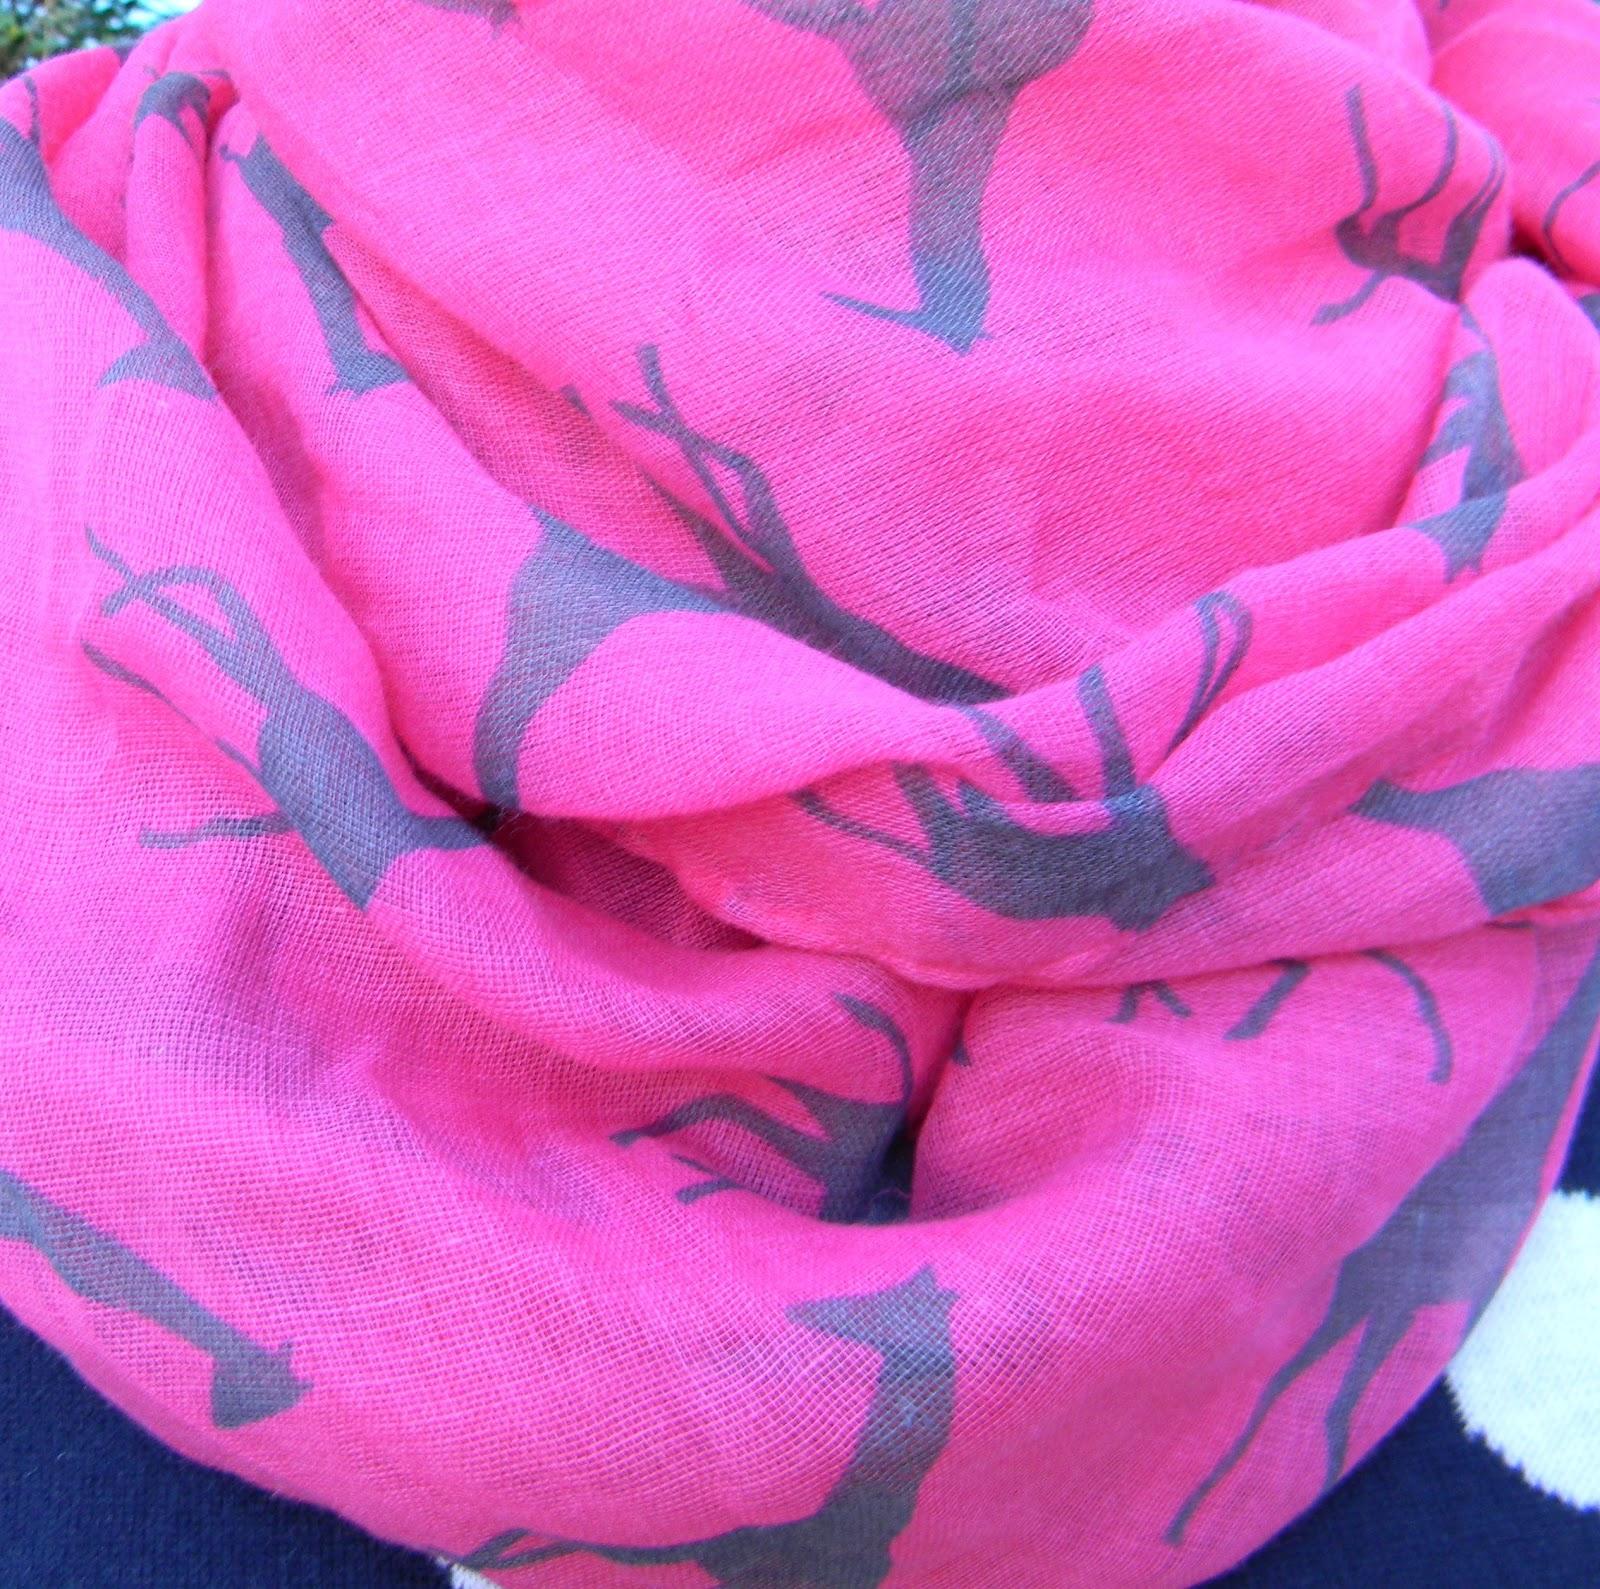 http://4.bp.blogspot.com/-dEjsLBq4Nb8/T0g4jROLYCI/AAAAAAAABqM/O5Wzj5kHCVM/s1600/2.24.12+Hot+Pink+Giraffe+Scarf+Close+Up.jpg